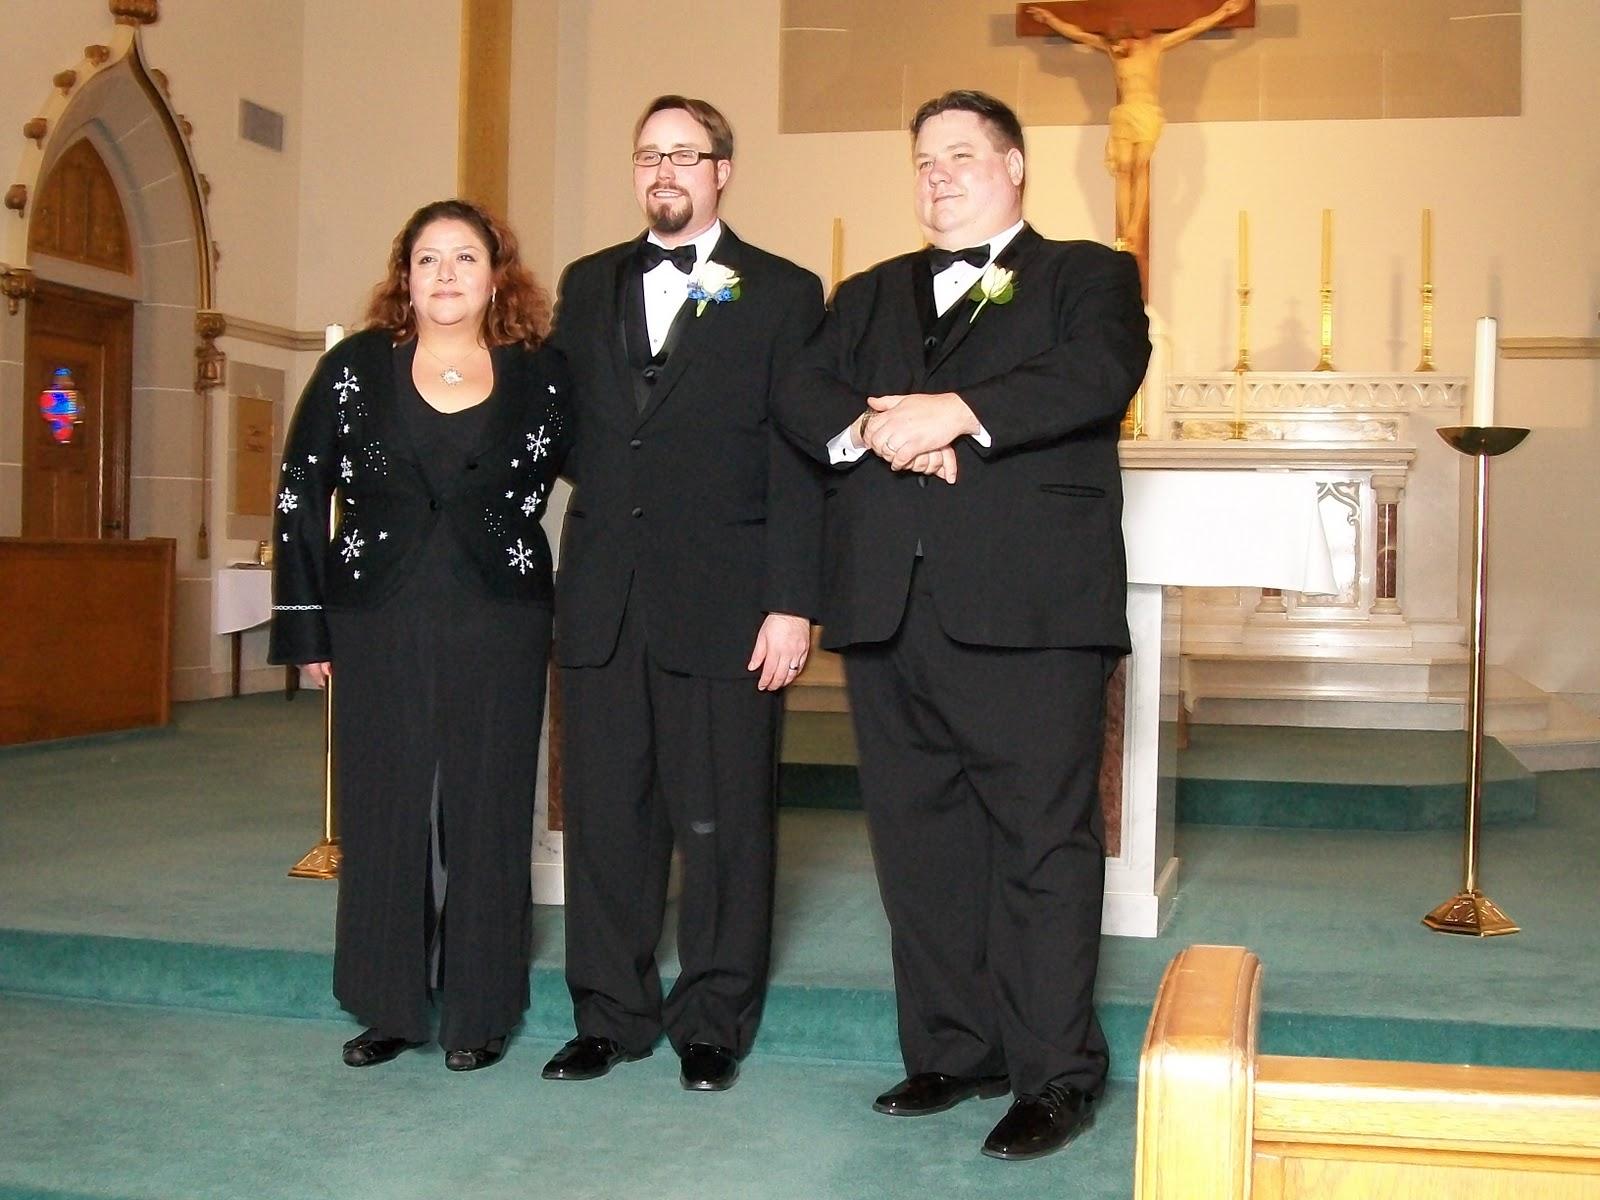 Our Wedding, photos by Joan Moeller - 100_0388.JPG